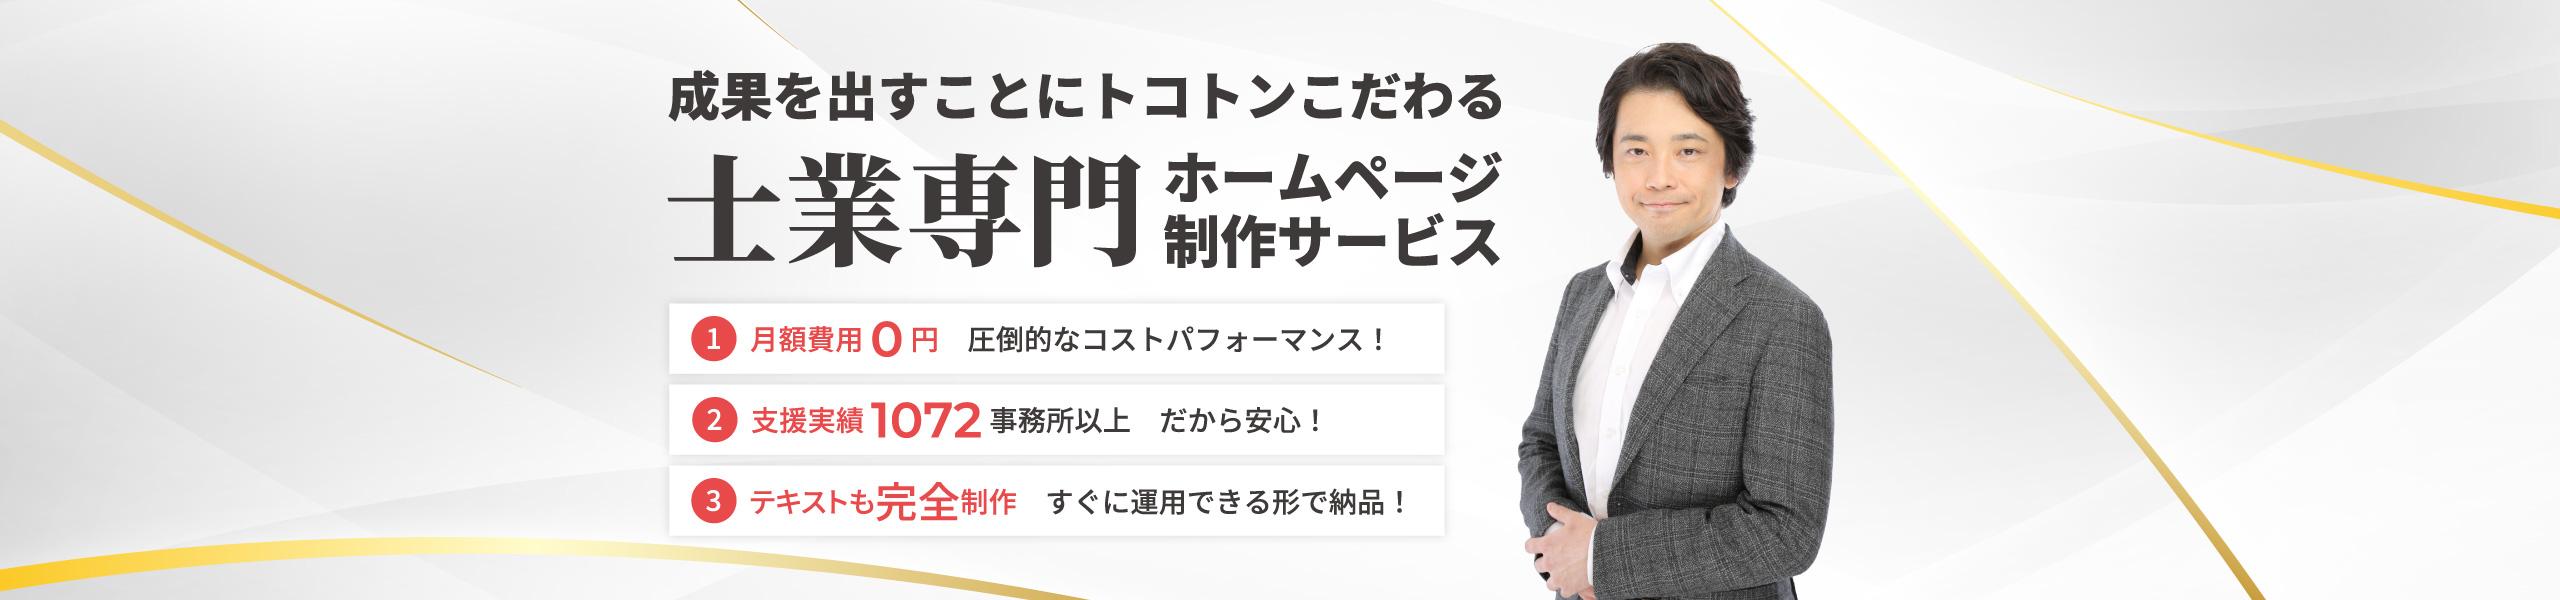 士業専門ホームページ制作サービス【ゼロワン】